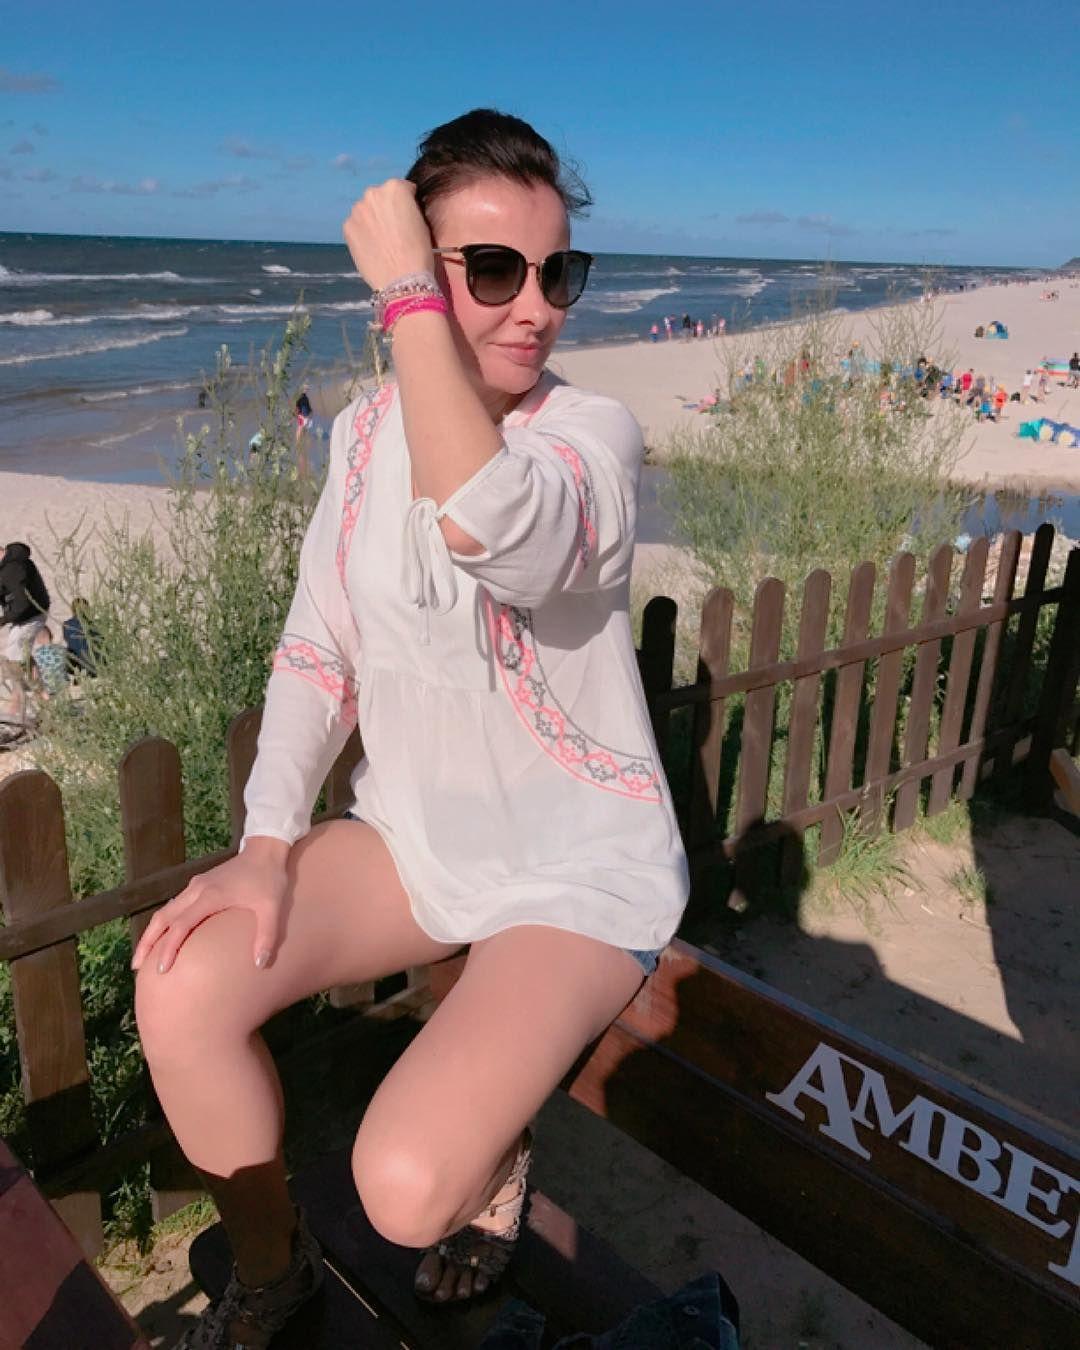 """Polubienia: 68, komentarze: 2 – Anna Dziubek (@annadziubek_bydziubeka) na Instagramie: """"Weekend zimny ale Bałtyk swój urok ma 🌊⚓️🌥 #vacationtime #instasummer #weekend #balticsea #beach…"""""""